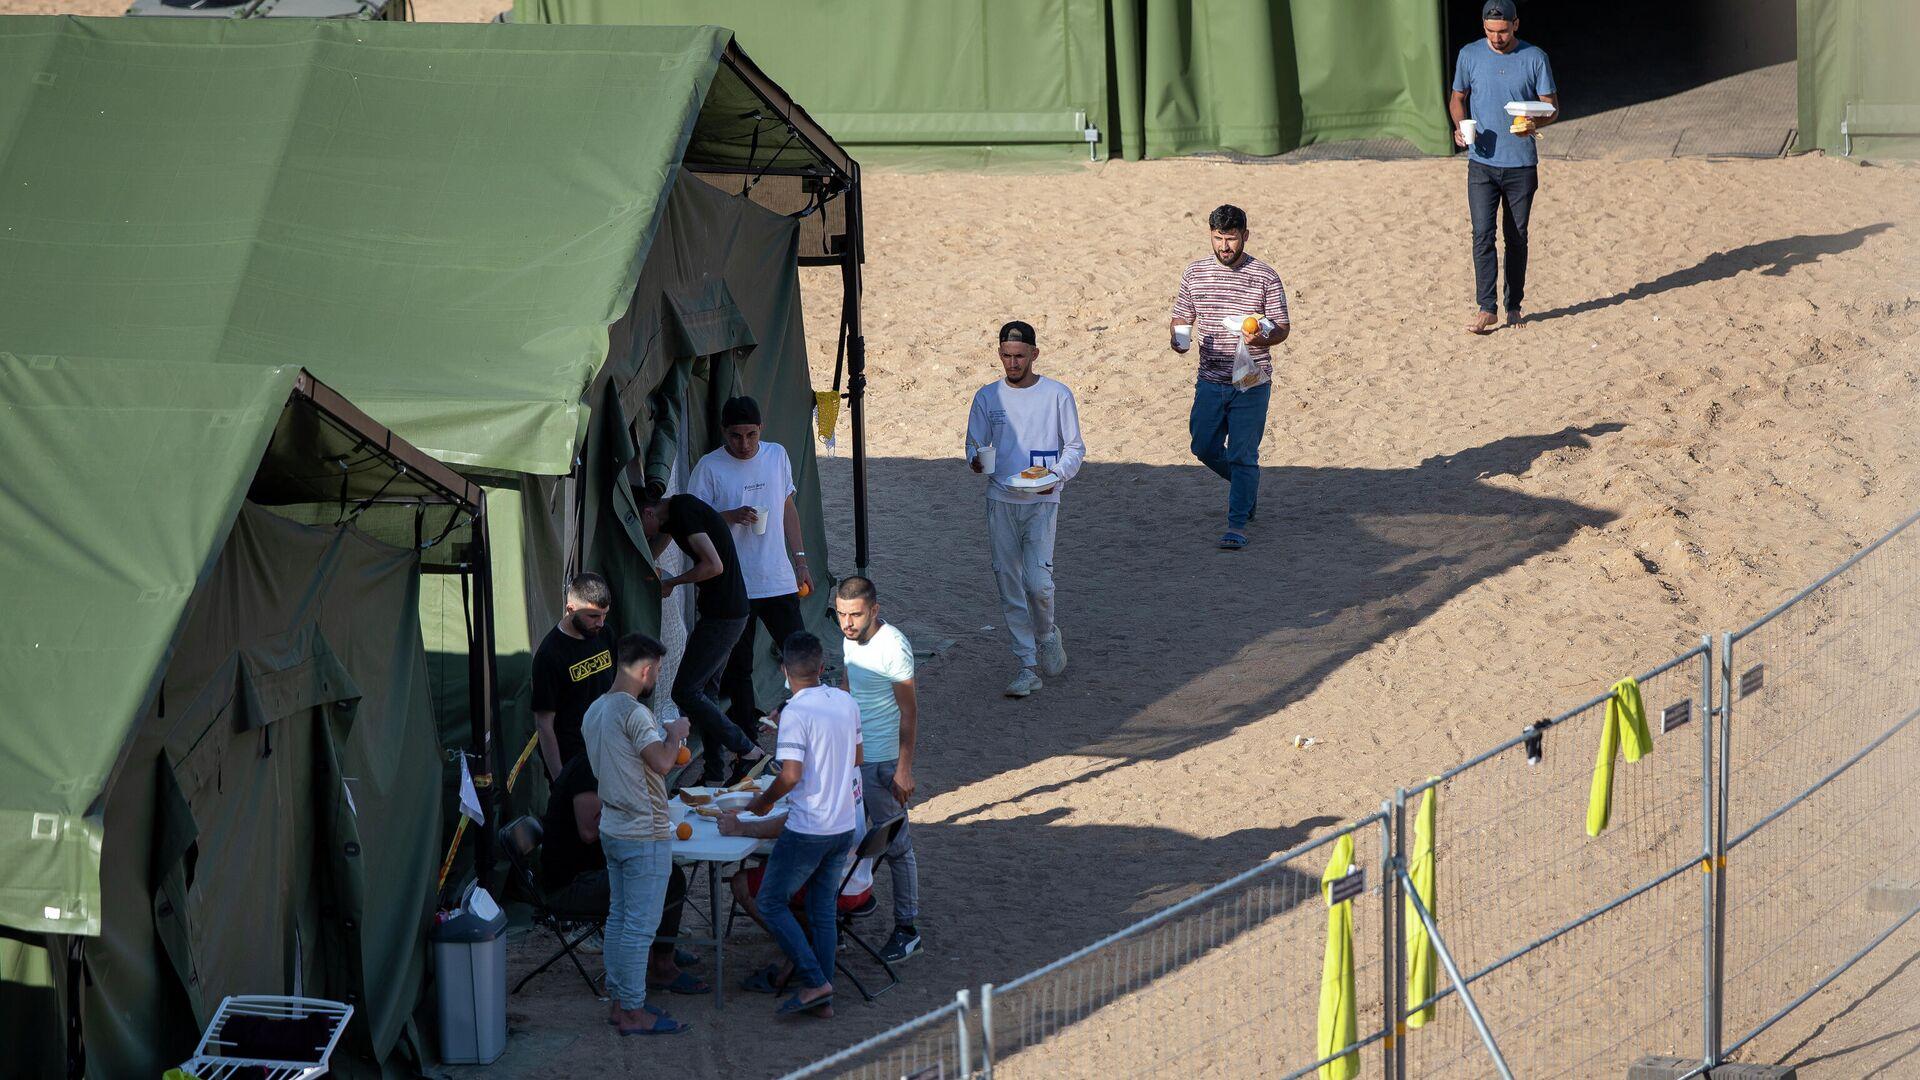 Лагерь мигрантов в городе Пабраде, Литва - РИА Новости, 1920, 26.07.2021